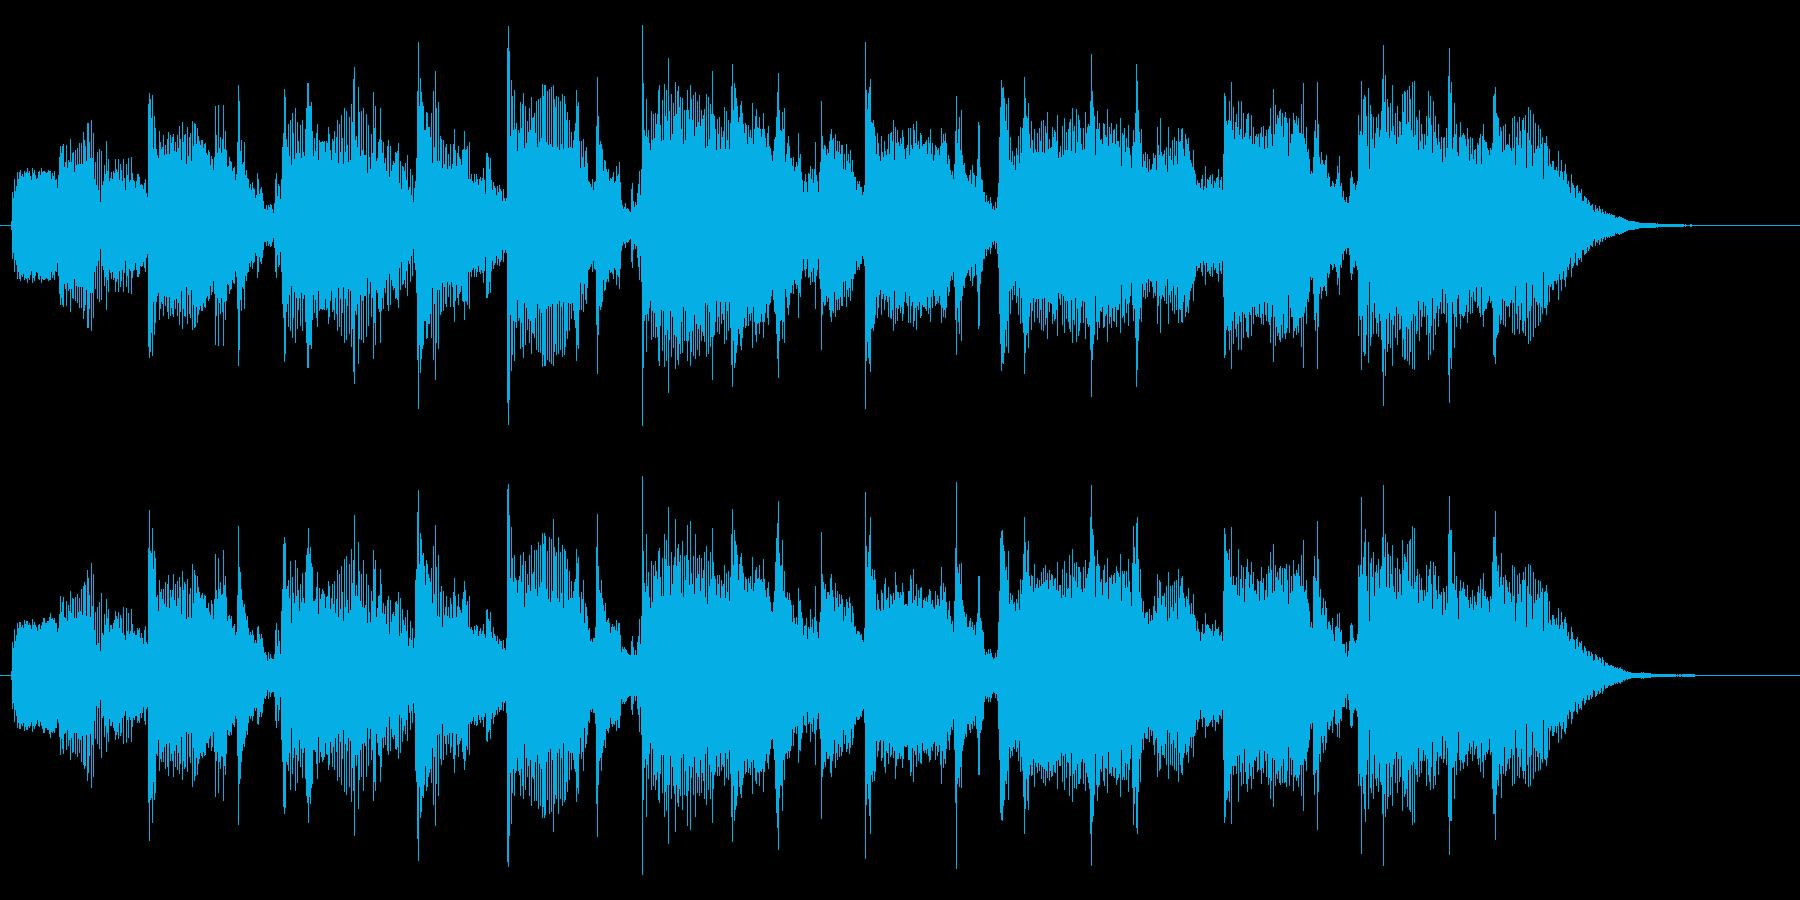 ハッピー/Pop/楽しい/ギター/爽やかの再生済みの波形